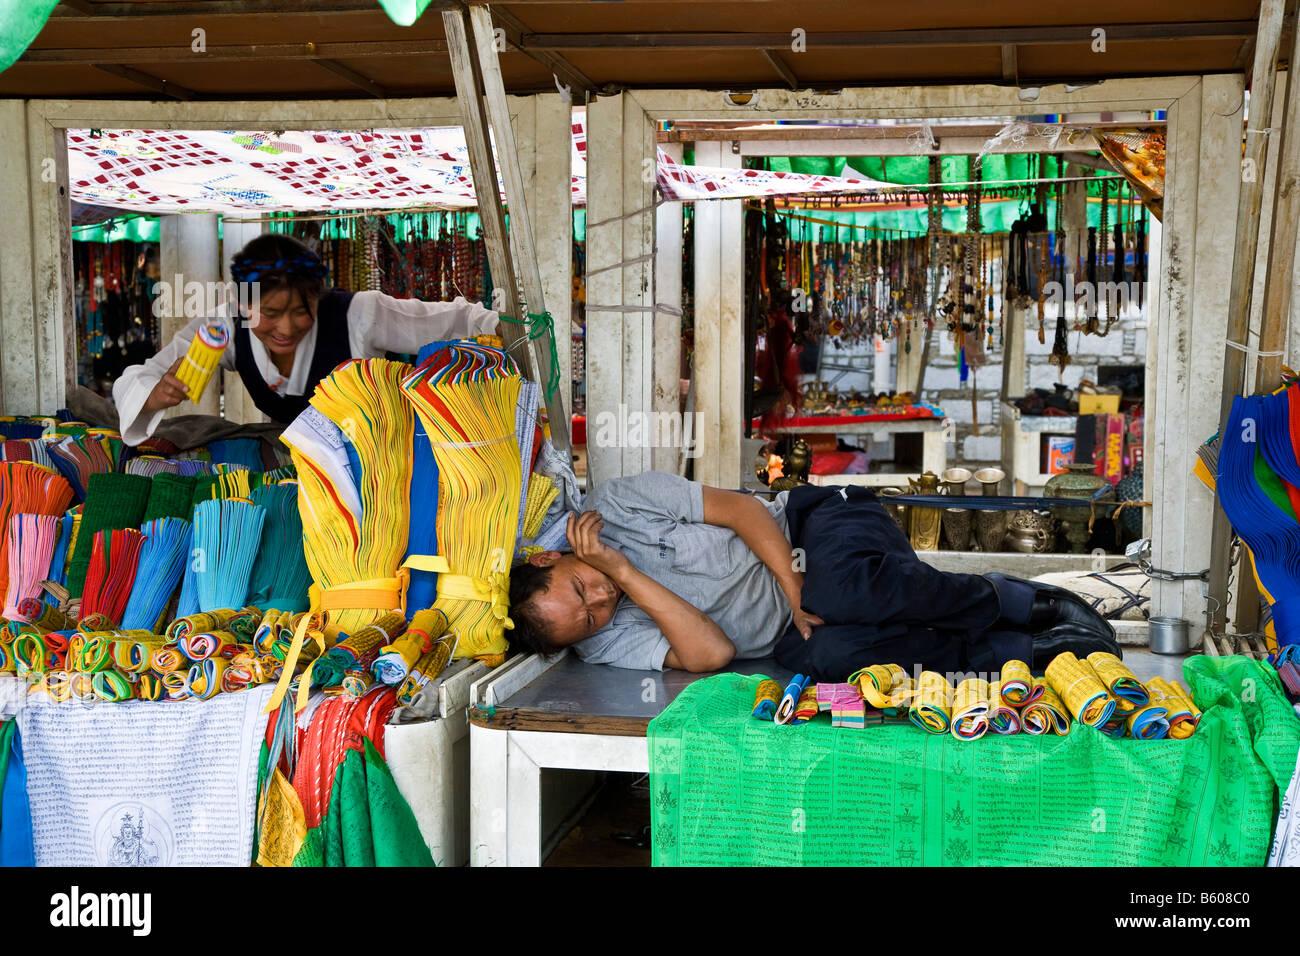 Stallkeeper sleeping on market stall in Barkhor Square Lhasa Tibet. JMH3665 - Stock Image